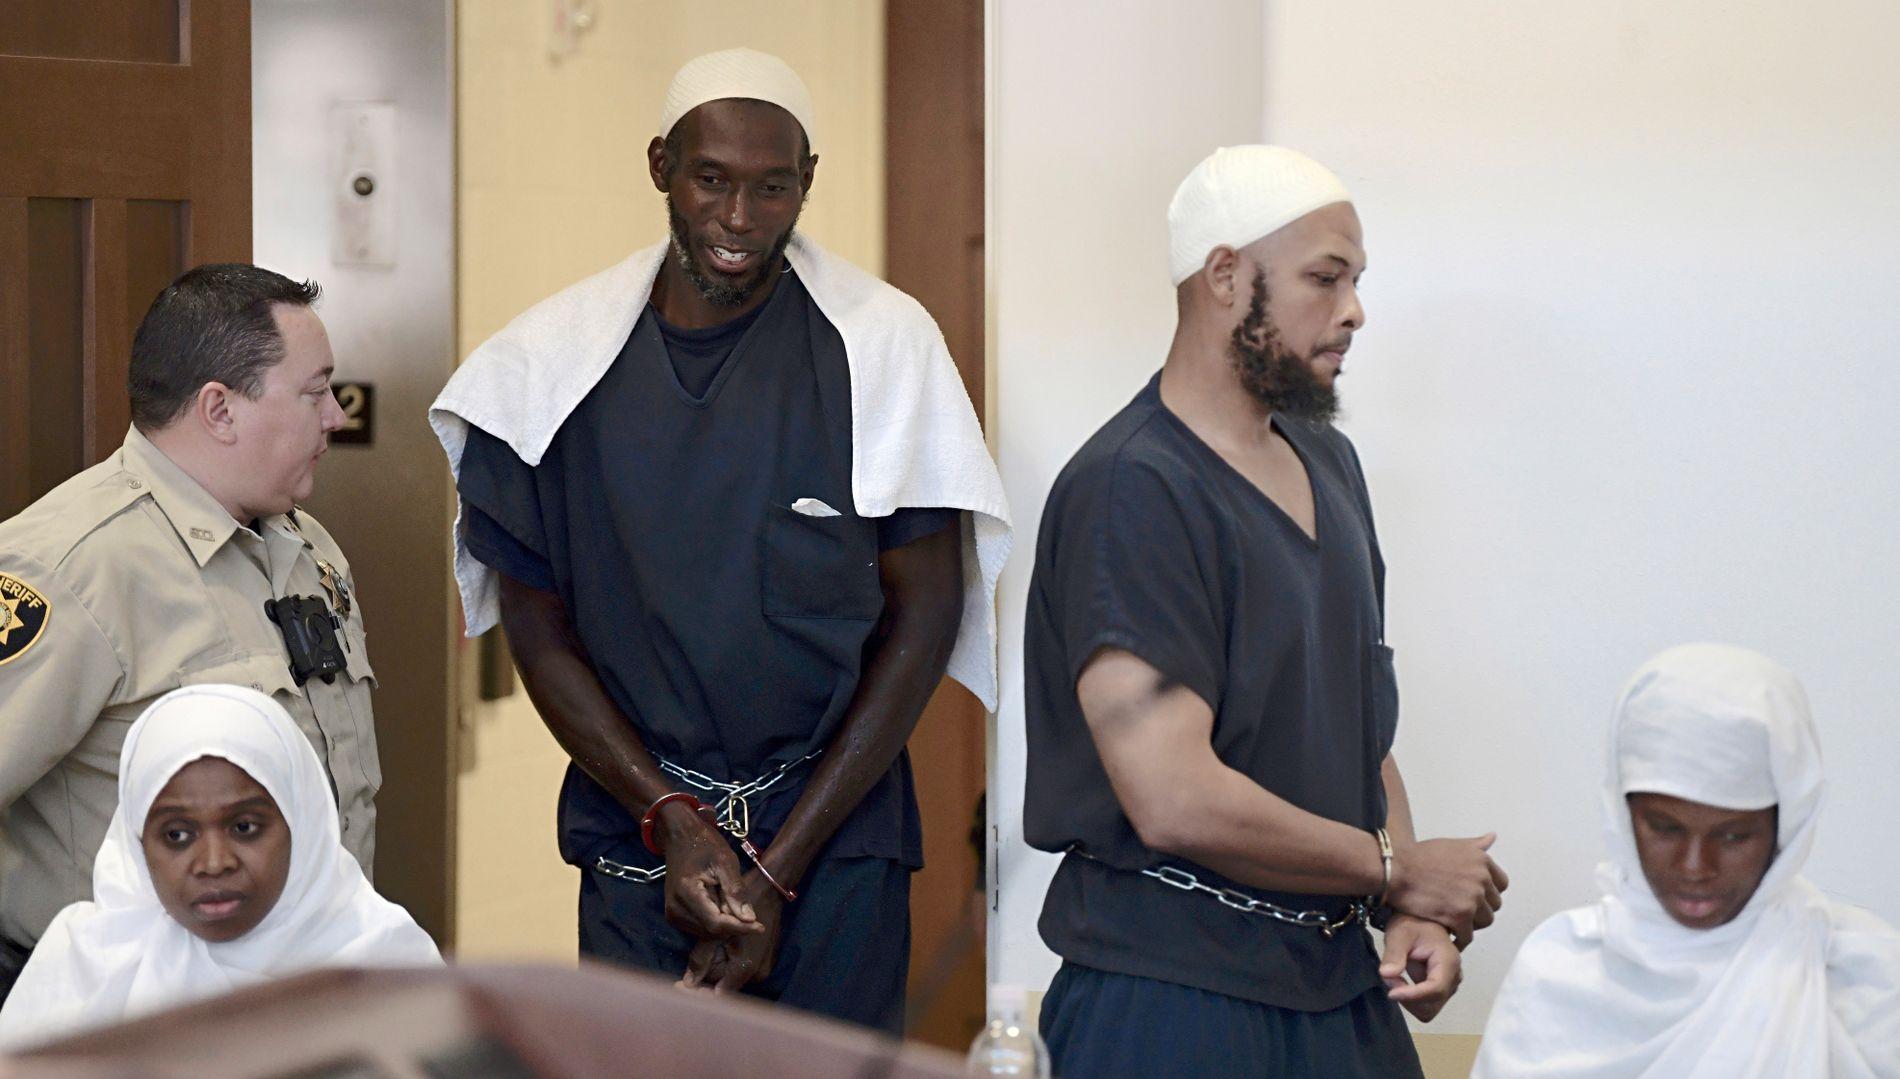 VAR MISTENKT: Fra venstre: Jany Leveille, Lucas Morton, Siraj Wahhaj og Subbannah Wahhaj i retten 13. august. Nå er barnemishandling-anklagene mot Morton og  Subbannah Wahhaj  avvist.